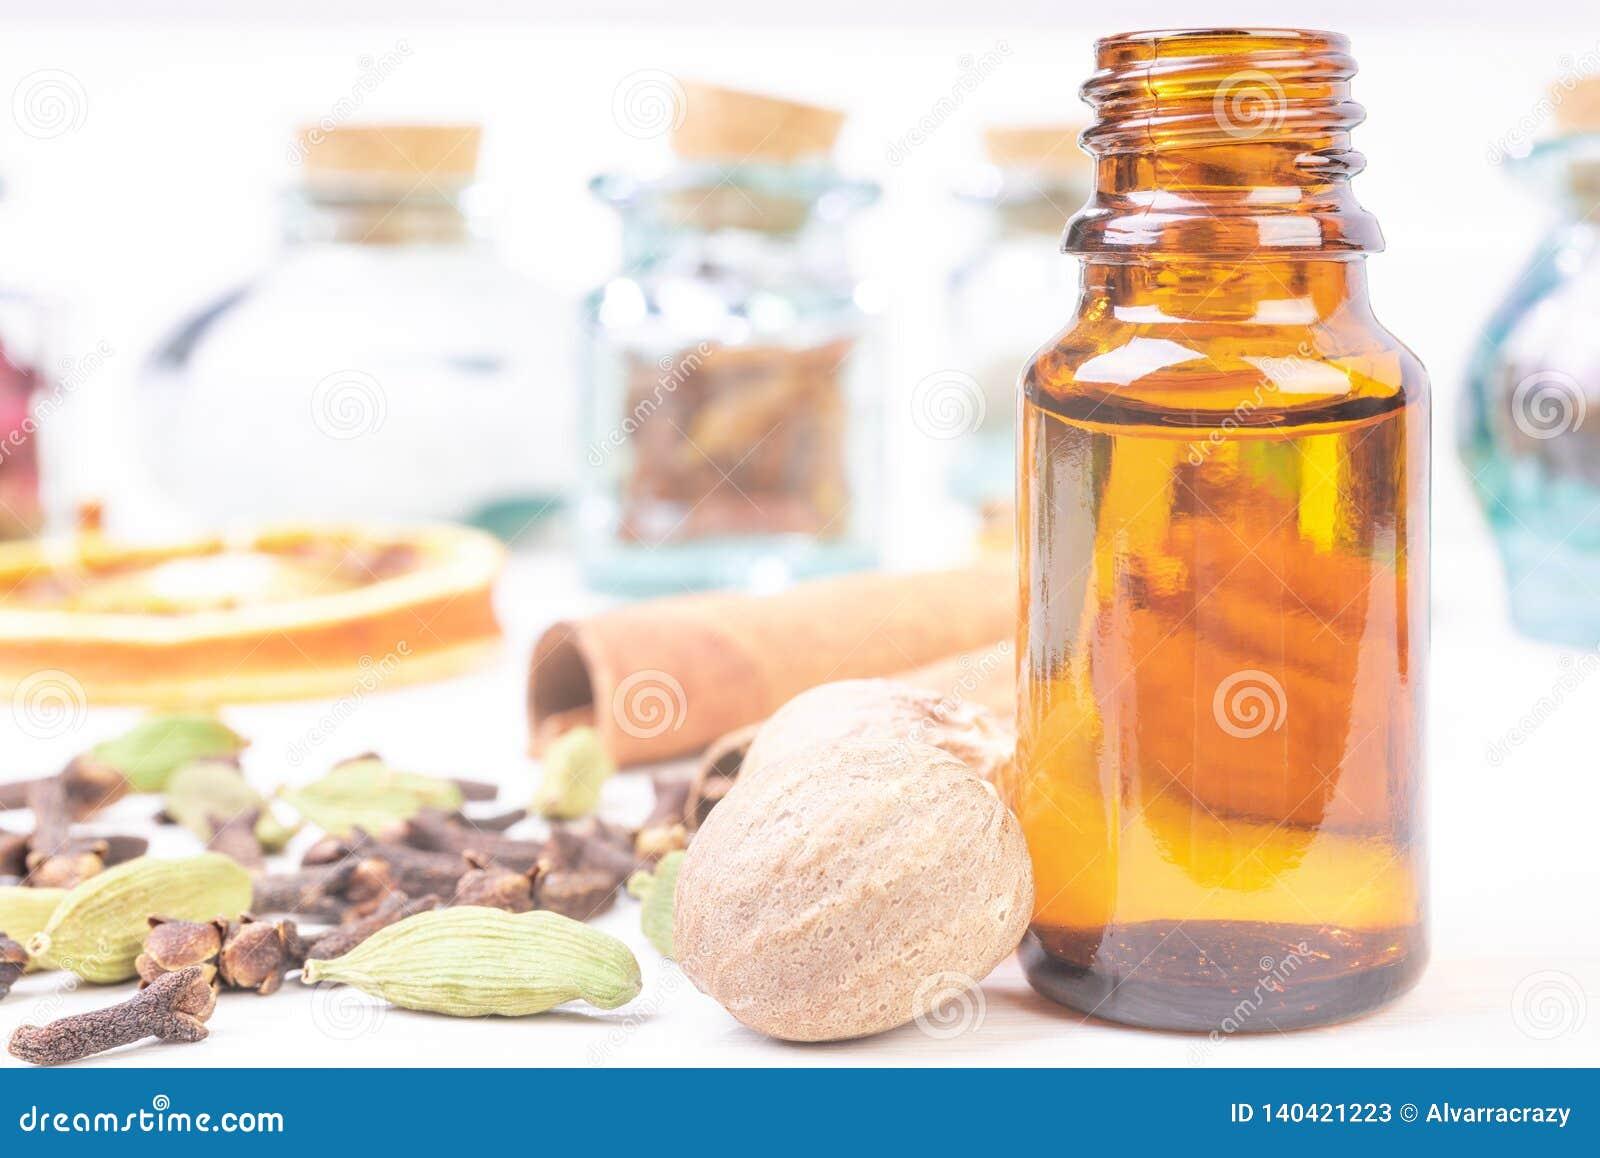 Etherische oliën in het meisje van glasflessen van kruiden en notemuskaat, cardamon, kaneel, kruidnagel op de houten achtergrond